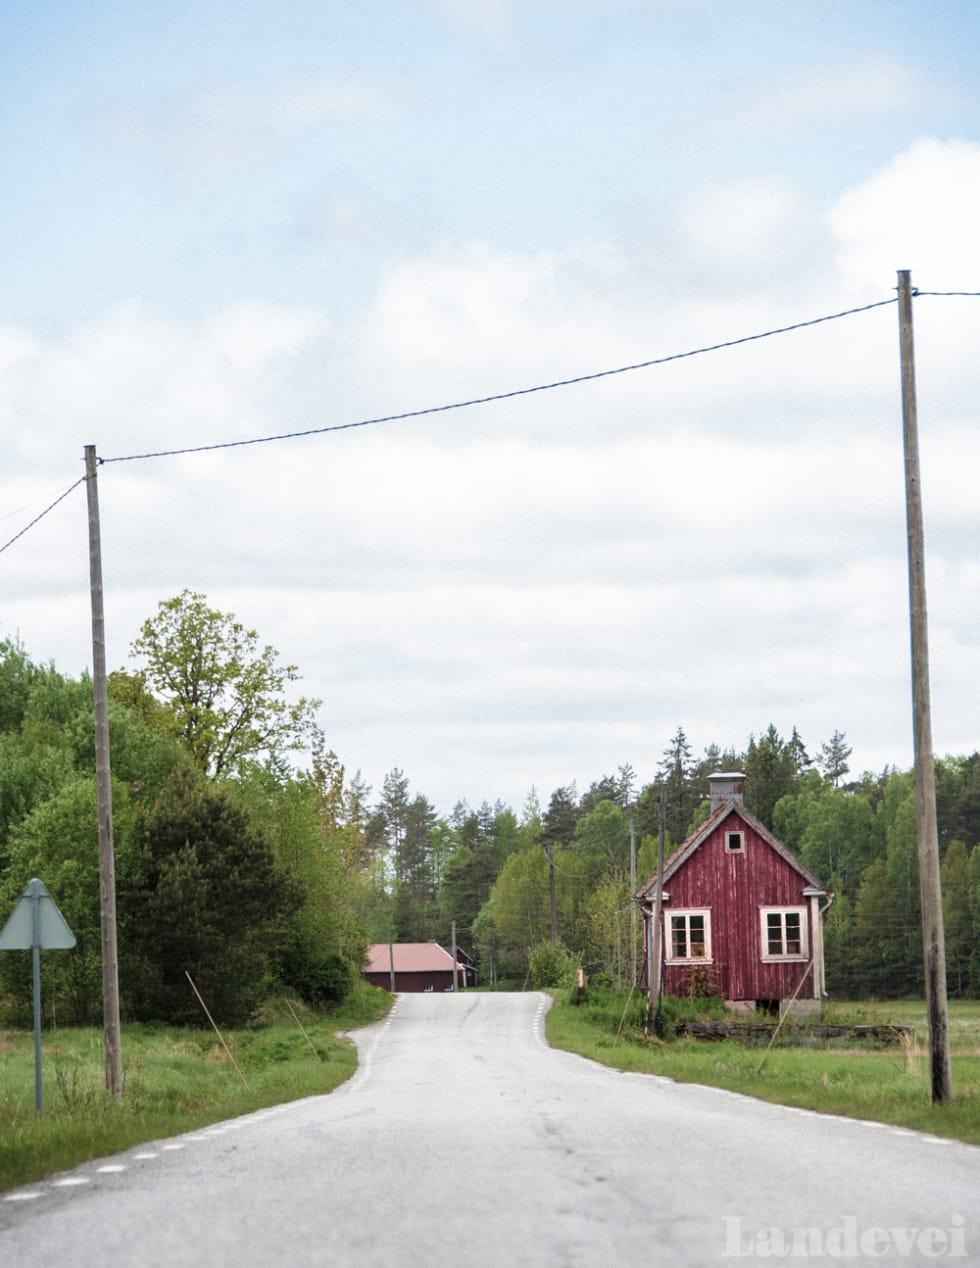 FRAFLYTTET: Langs den gamle veien står det låver, hytter og hus som forfaller.